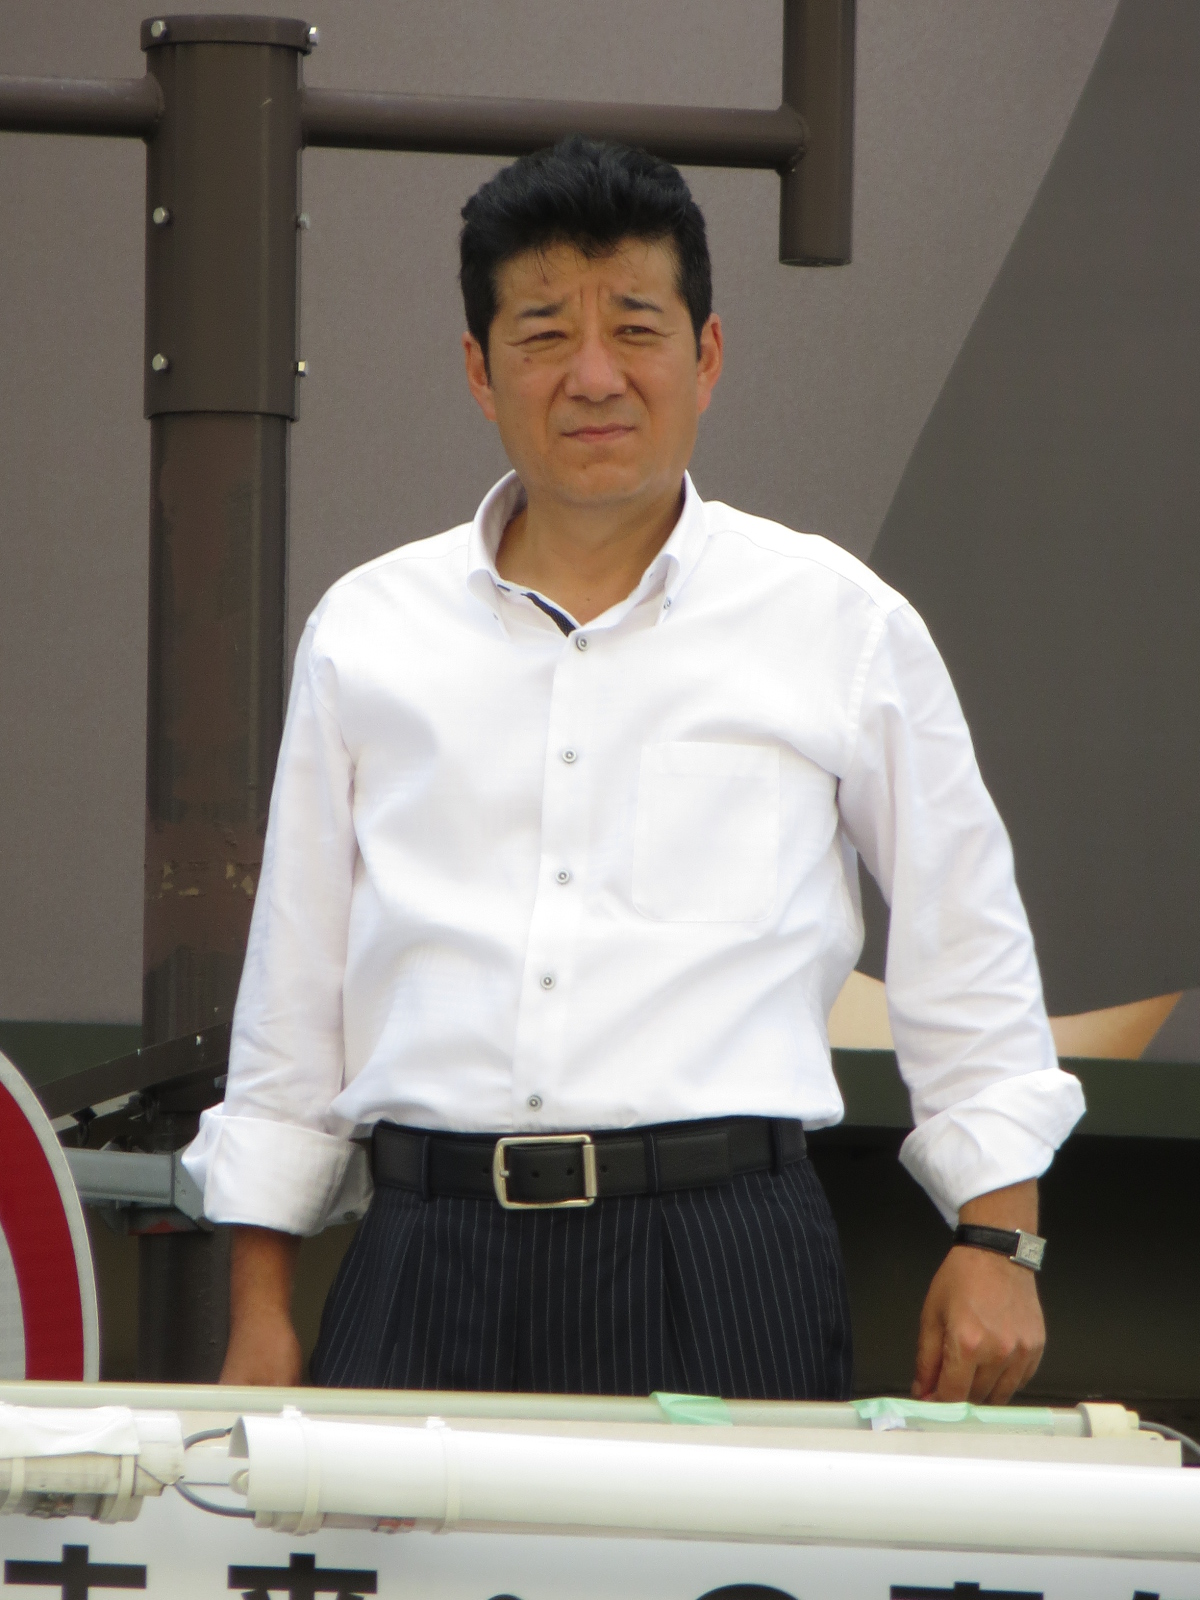 一郎 松井